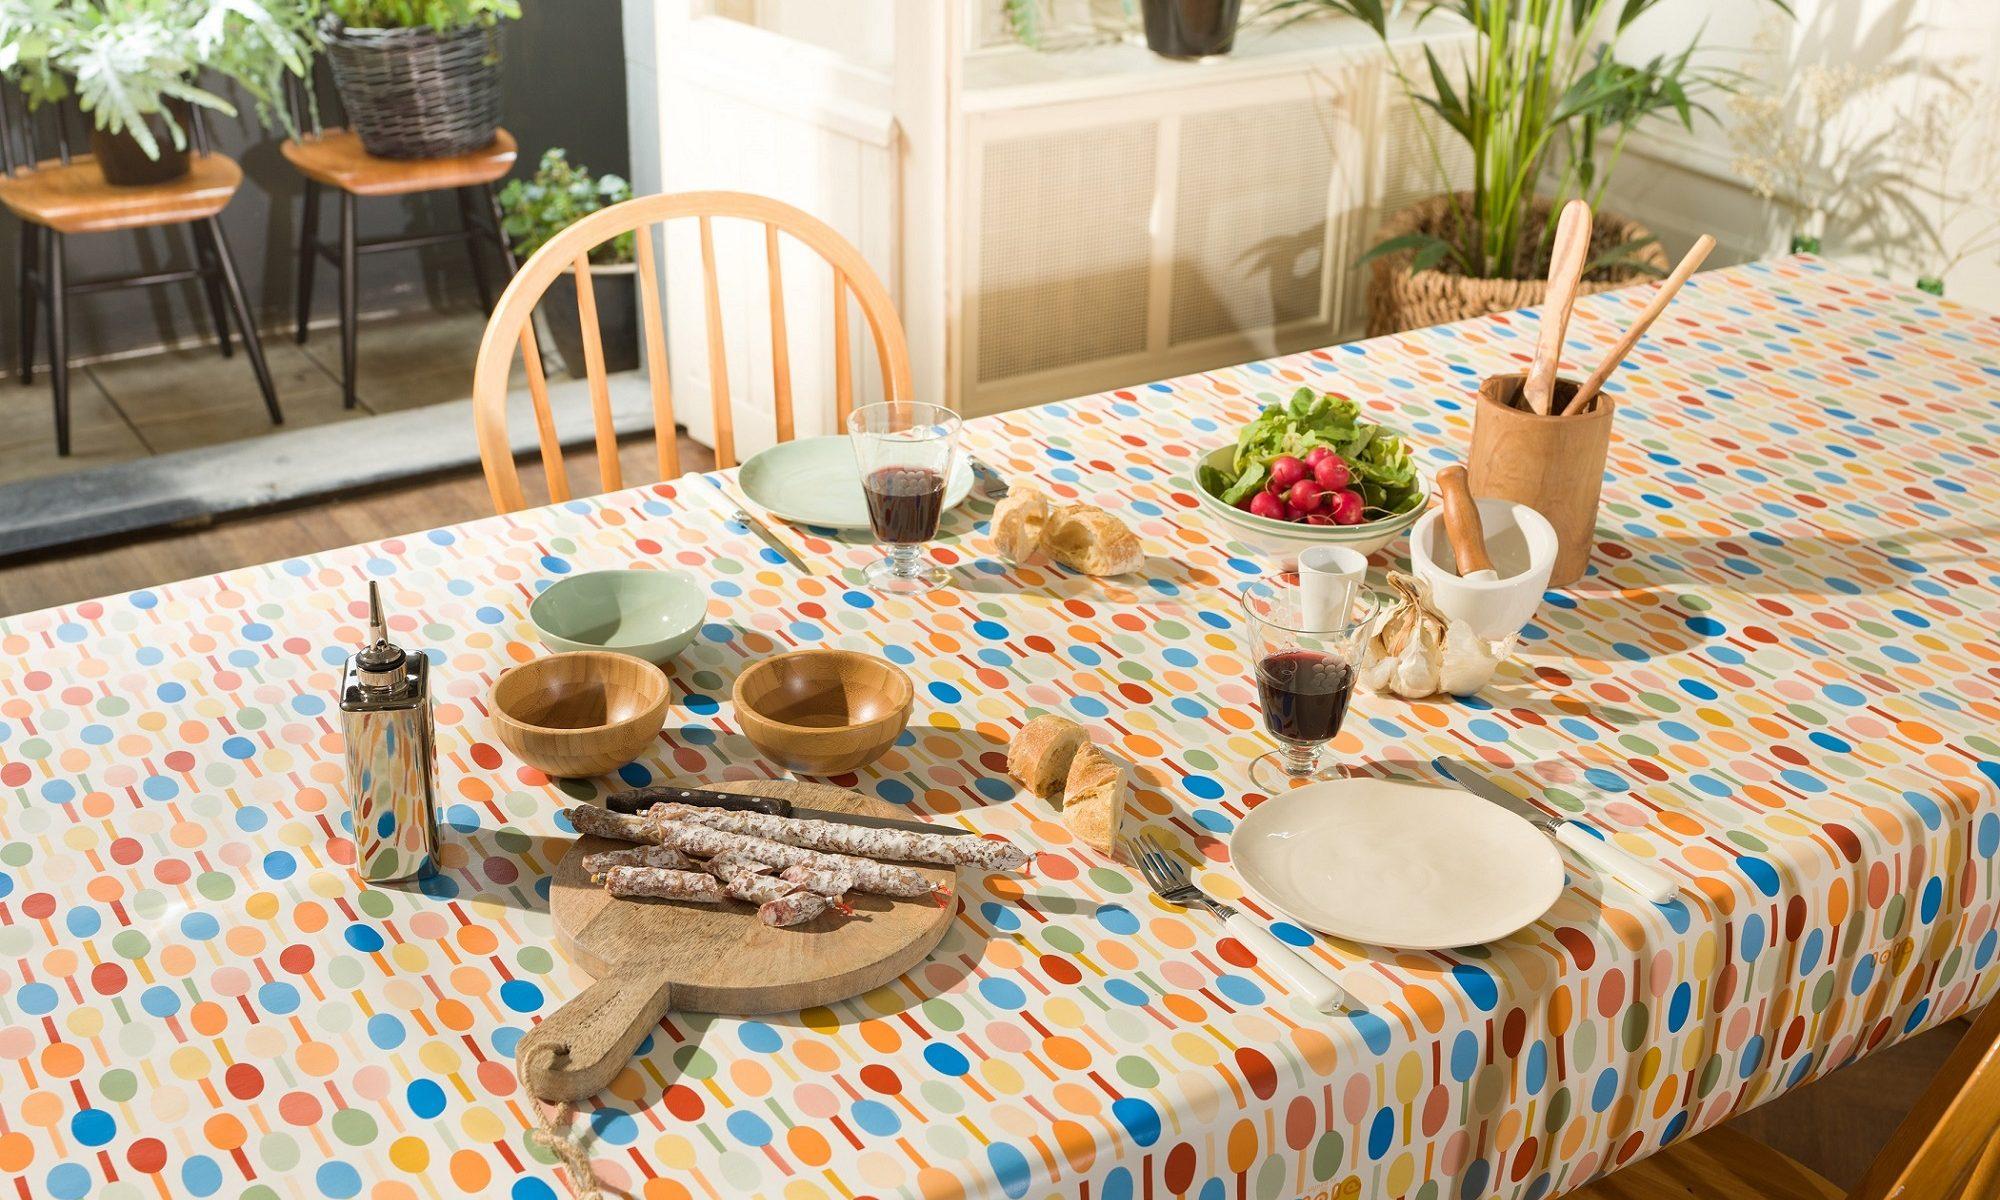 Lola tablecloth feature photo